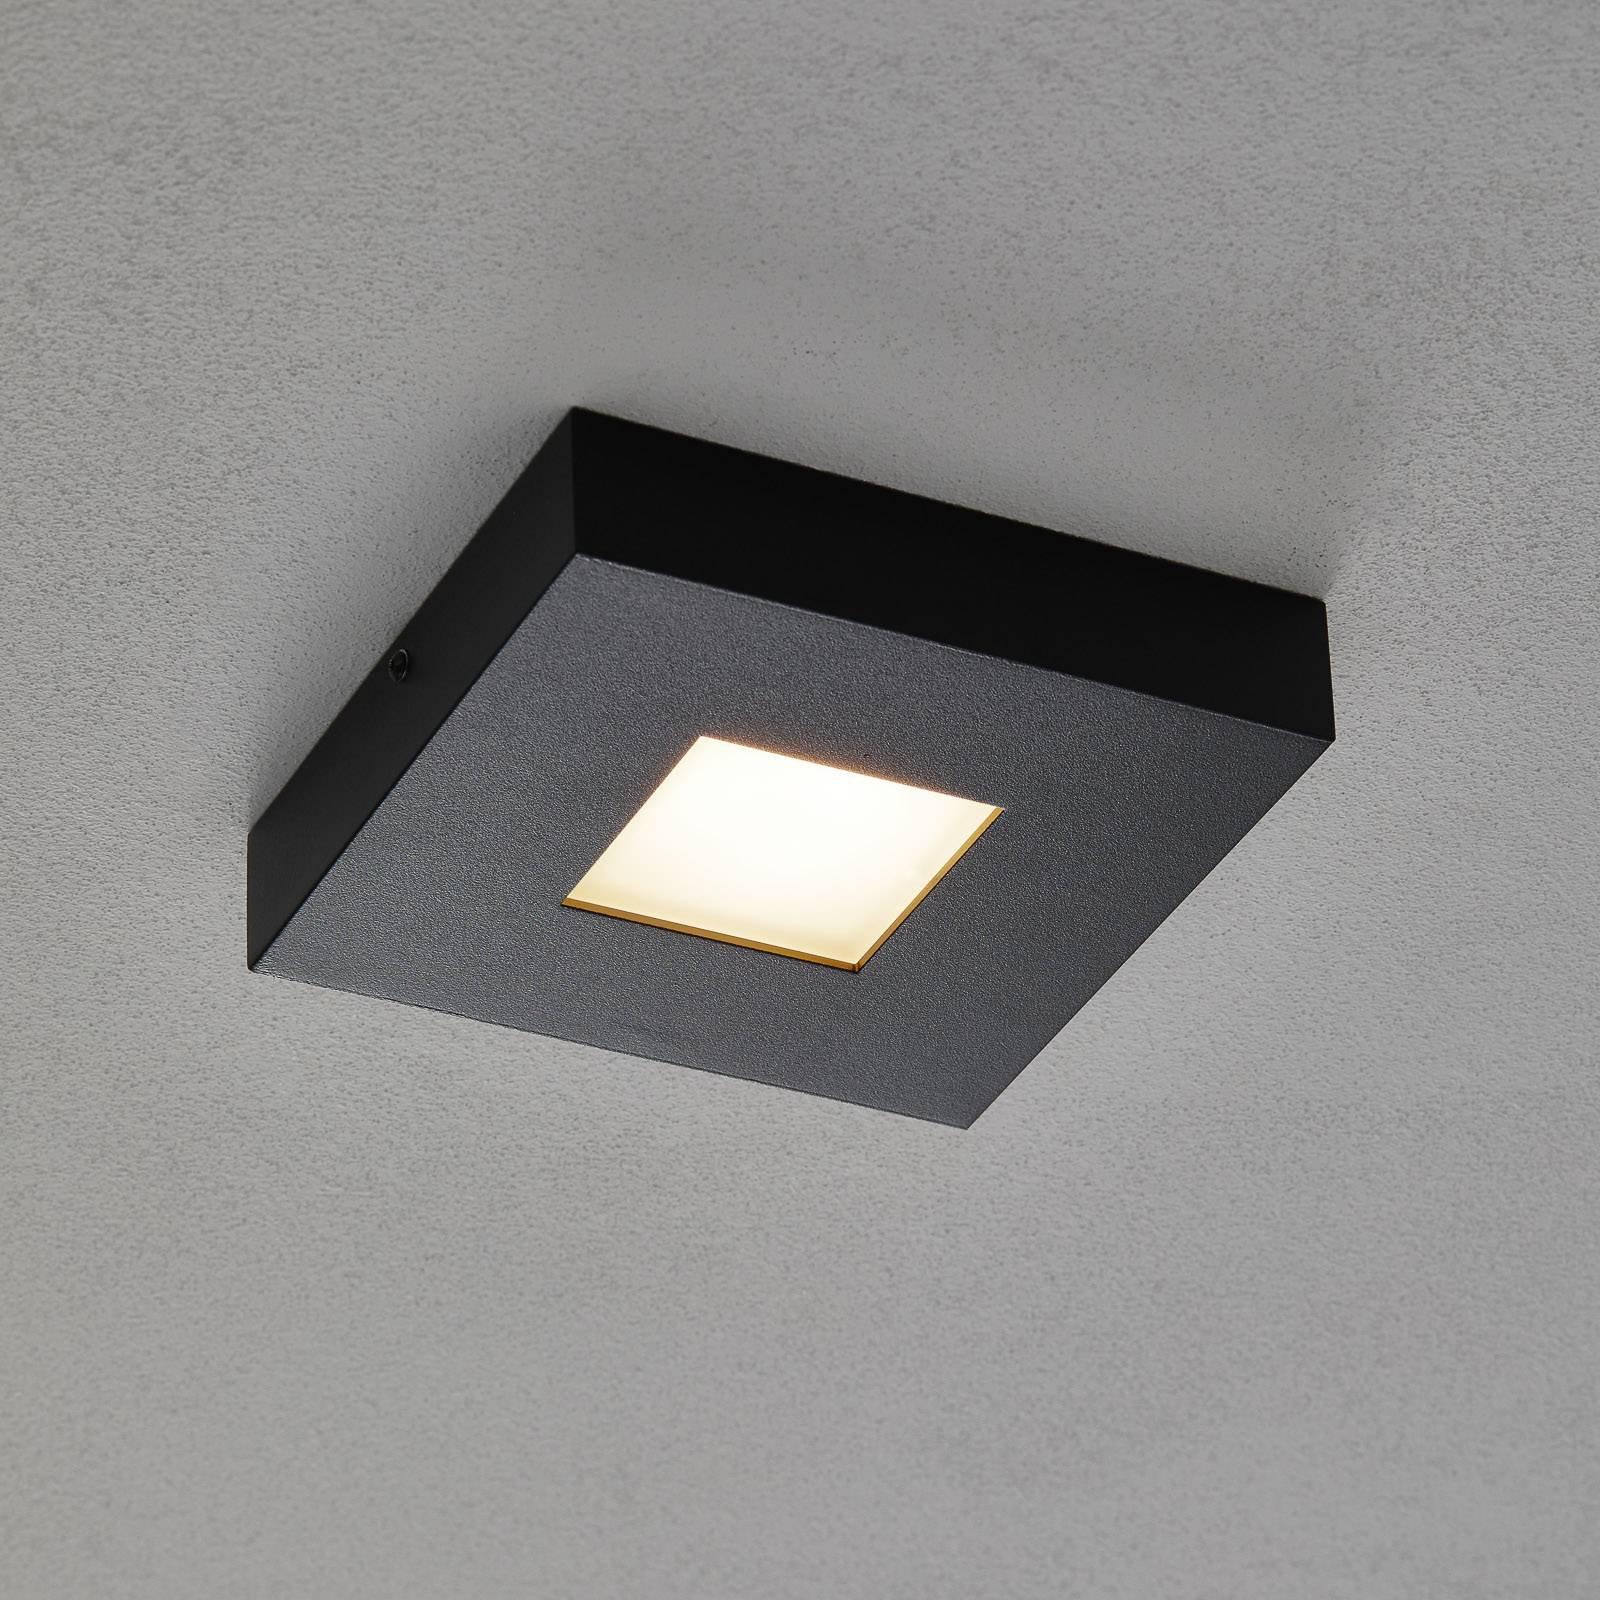 LED-taklampe Cubus i svart